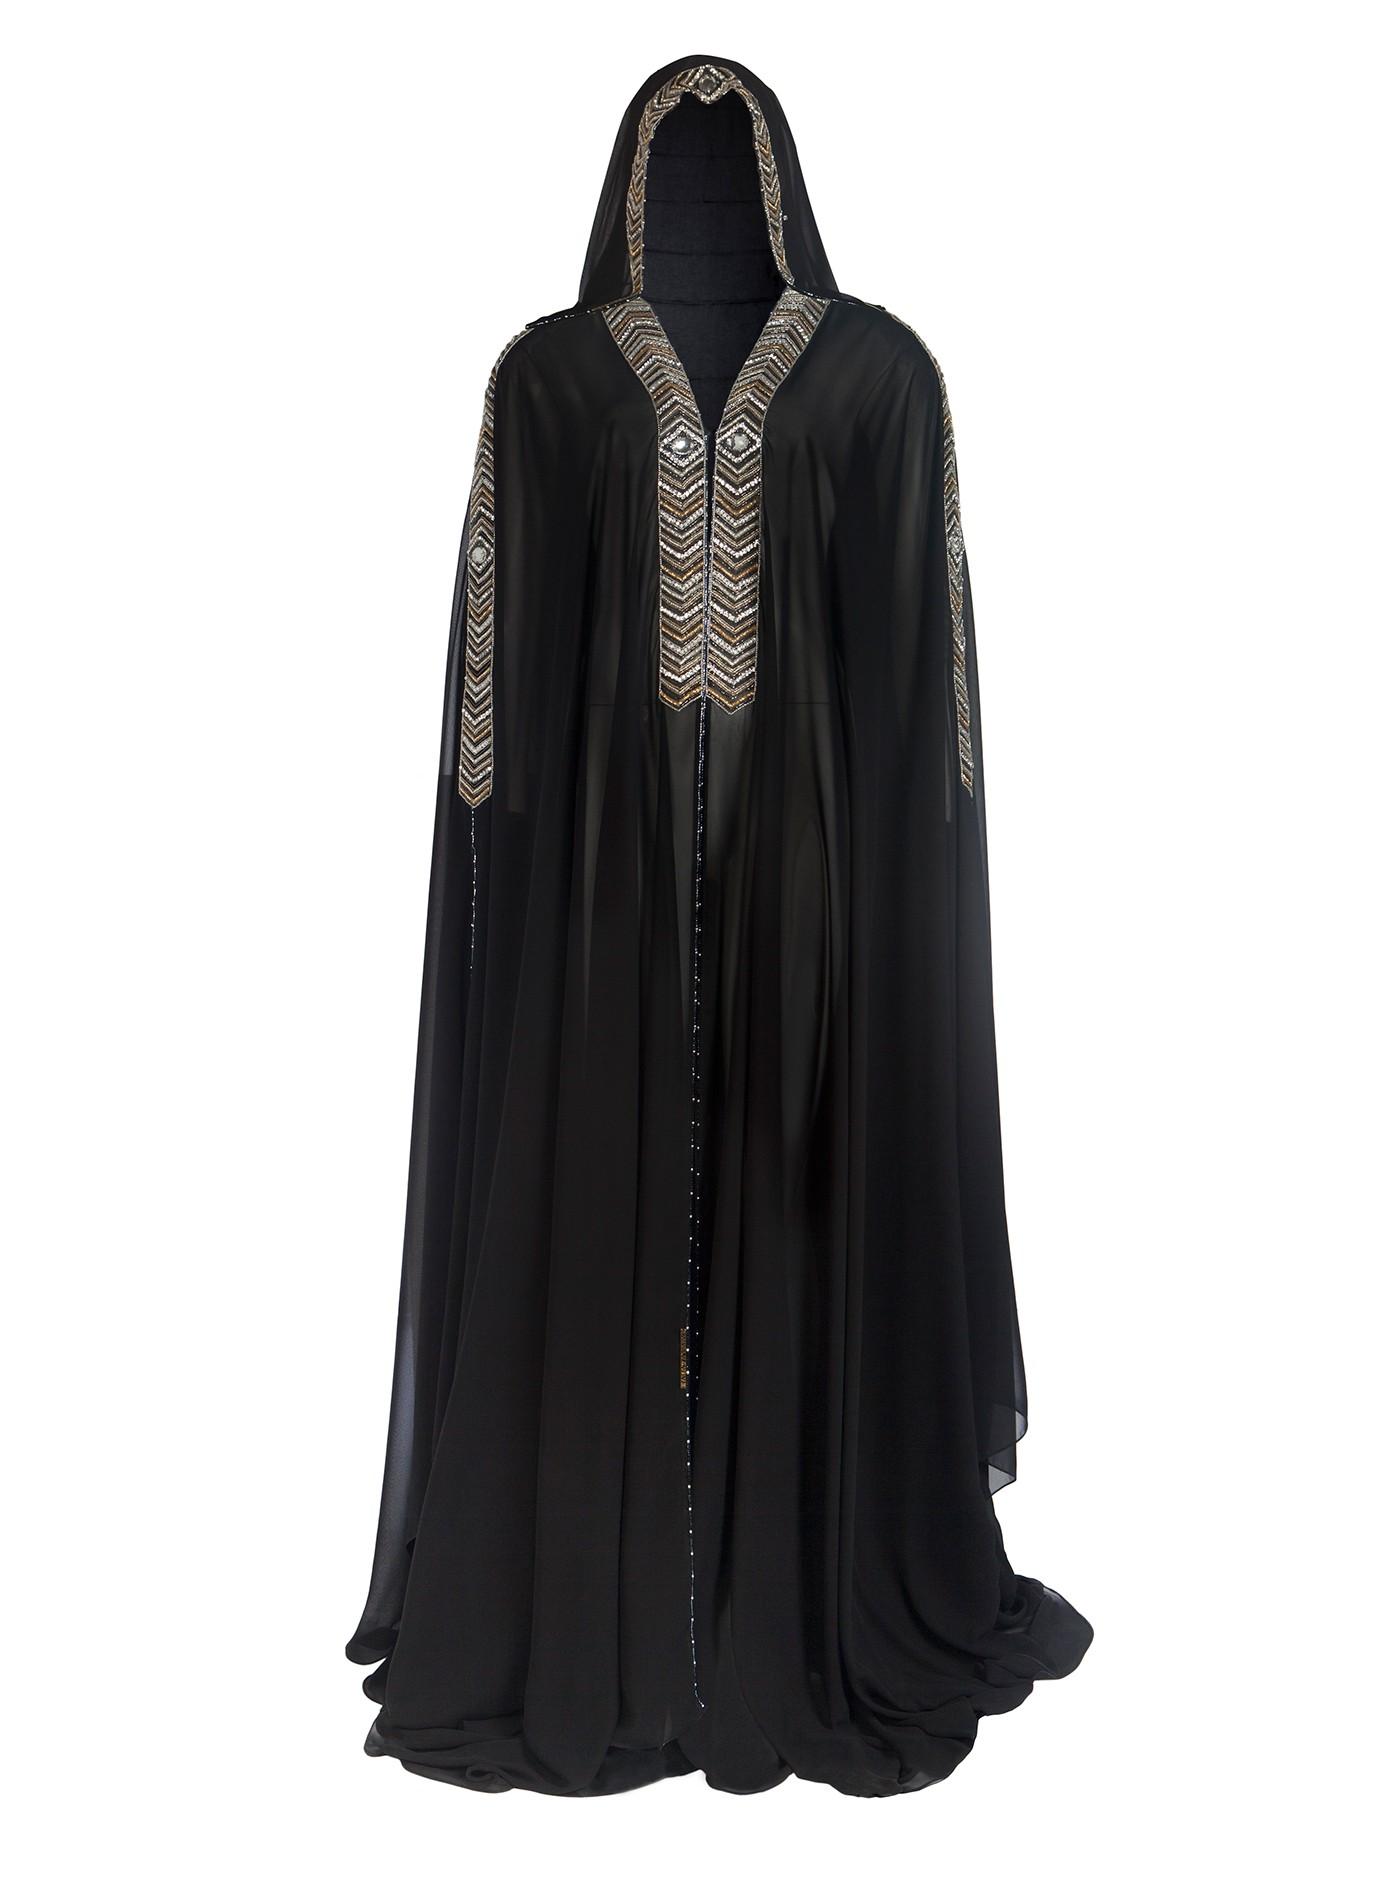 Abaya Collection - Tips - Styles-assiyah-abaya_2-jpg